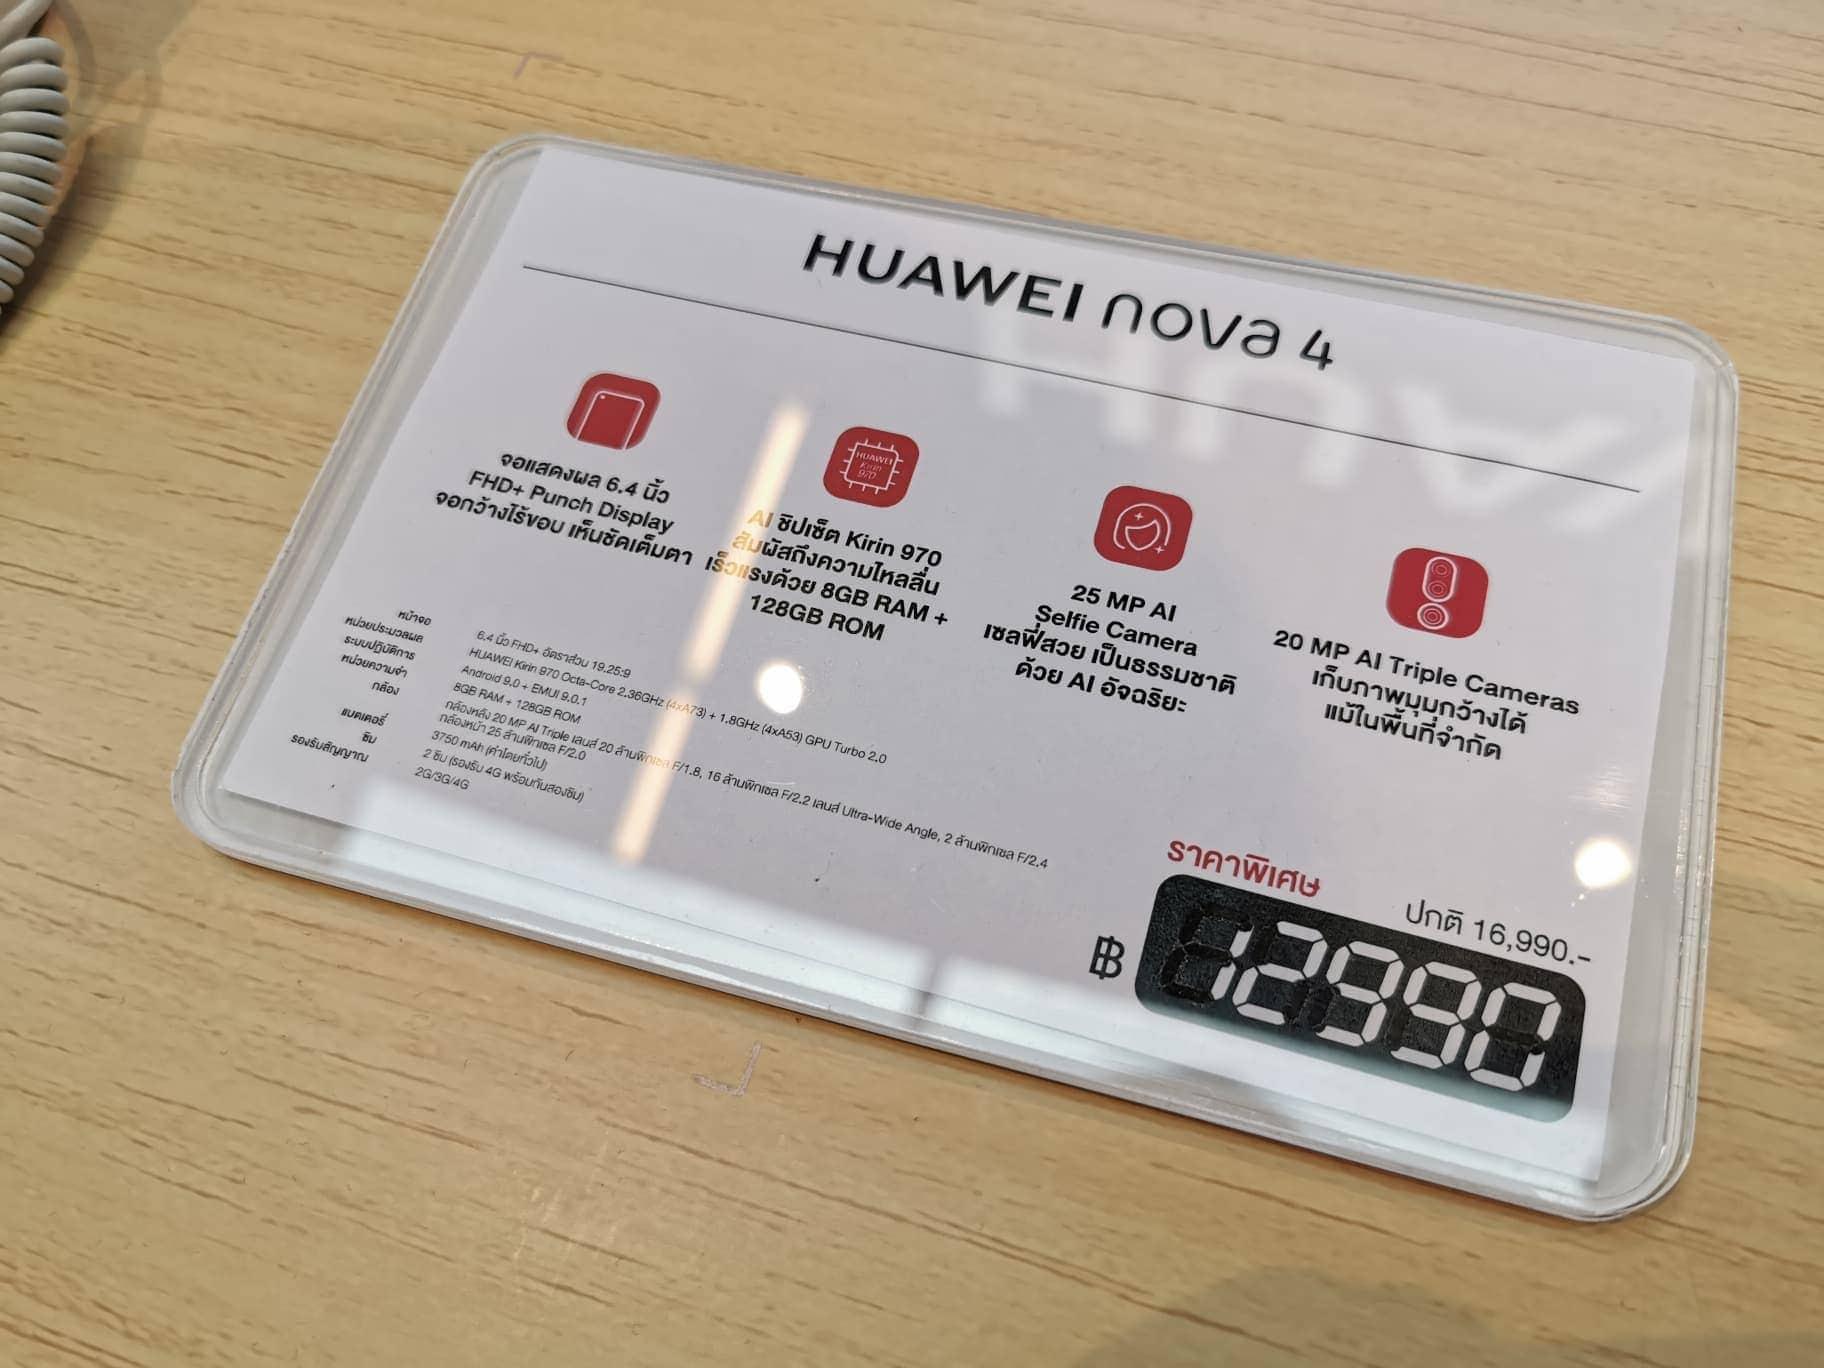 - ส่องโปร HUAWEI Grand Sale สัปดาห์นี้ พร้อมโชค 3 ต่อ ลดเผ็ด ผ่อนยาว ลุ้นขับ BMW